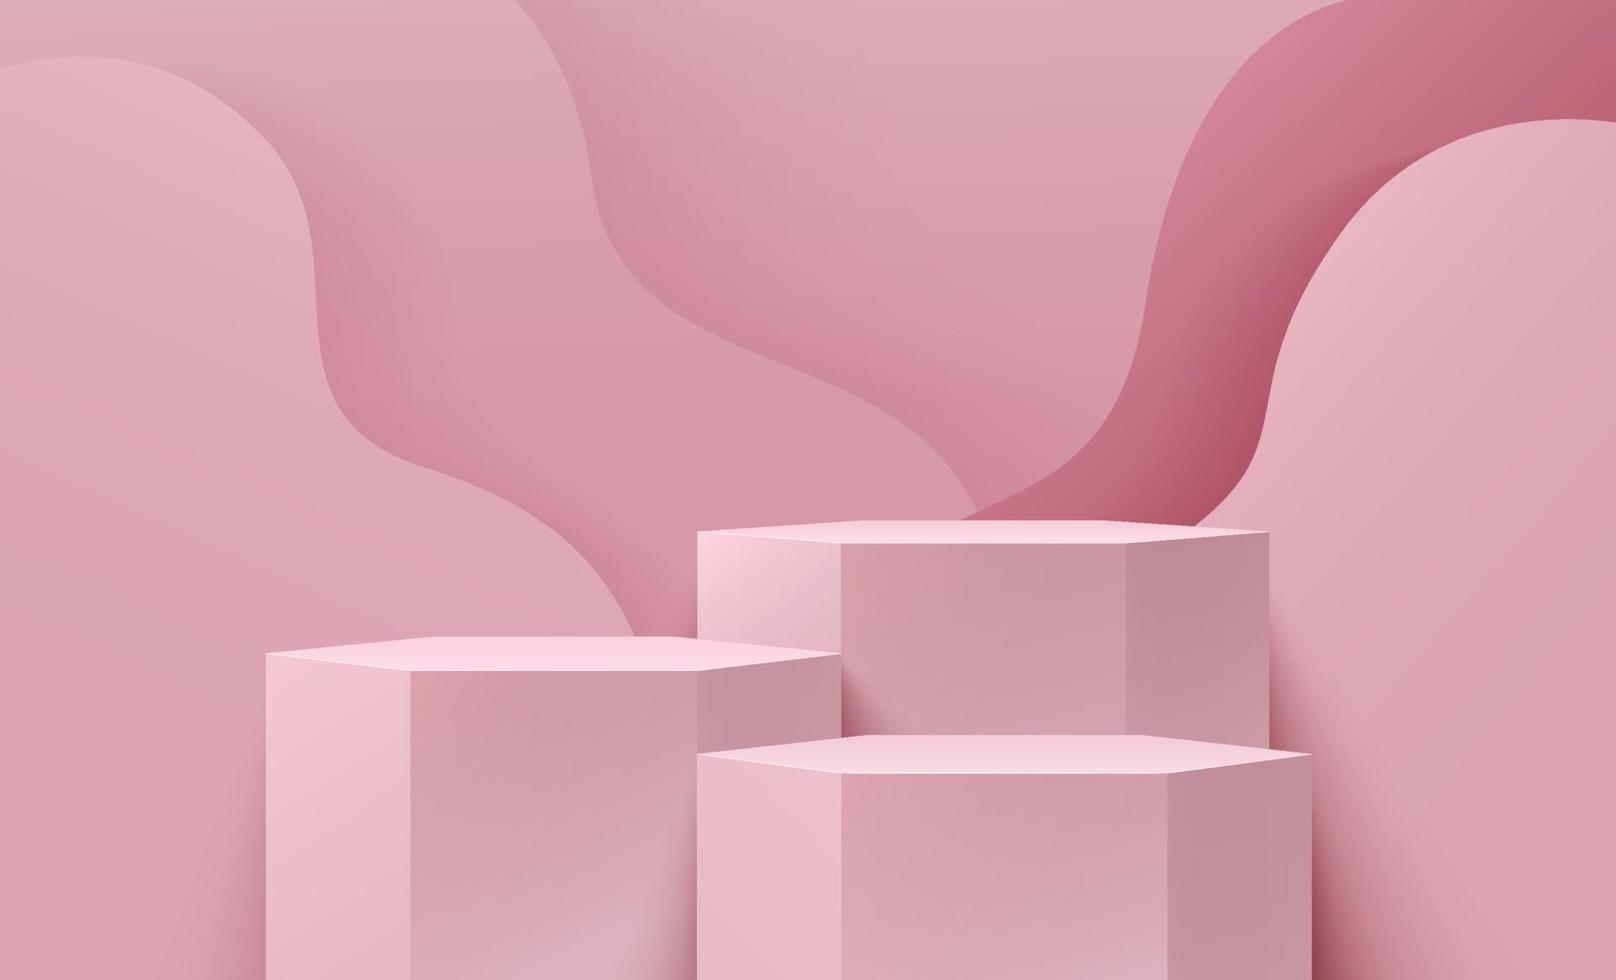 abstrakte Sechseckanzeige für Produkt auf Website in modern. Hintergrund-Rendering mit Podium und minimaler hellrosa Kurvenstruktur-Wandszene, geometrisches Formdesign des Pastell-3D-Renderings. Vektor eps10